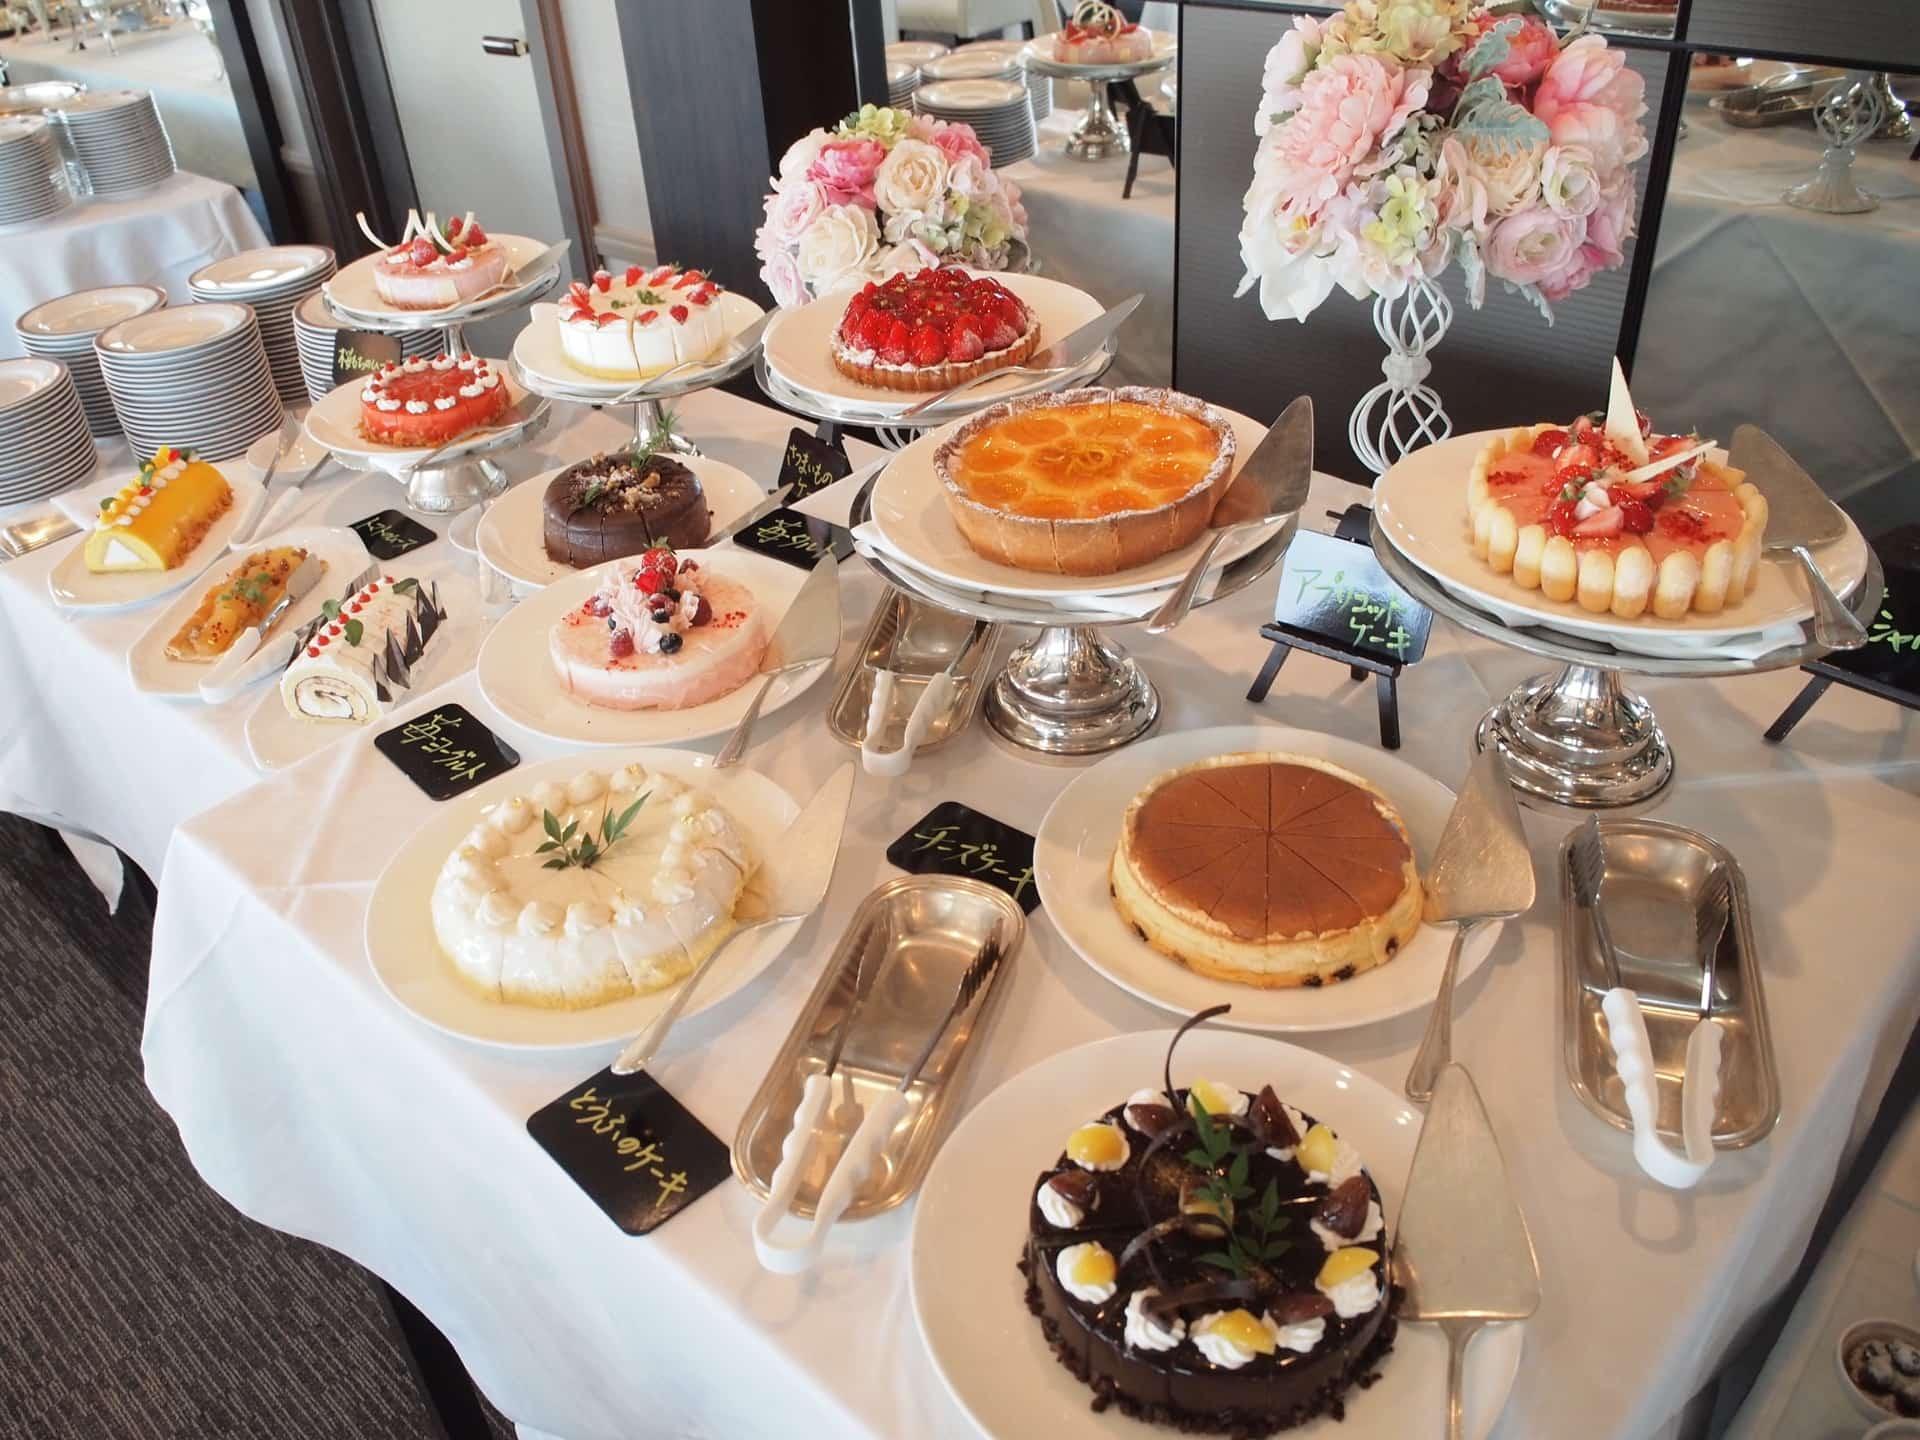 ホテルプラザ神戸 − 驚愕の2000円台!デザートバイキングは25種類以上のスイーツ食べ放題